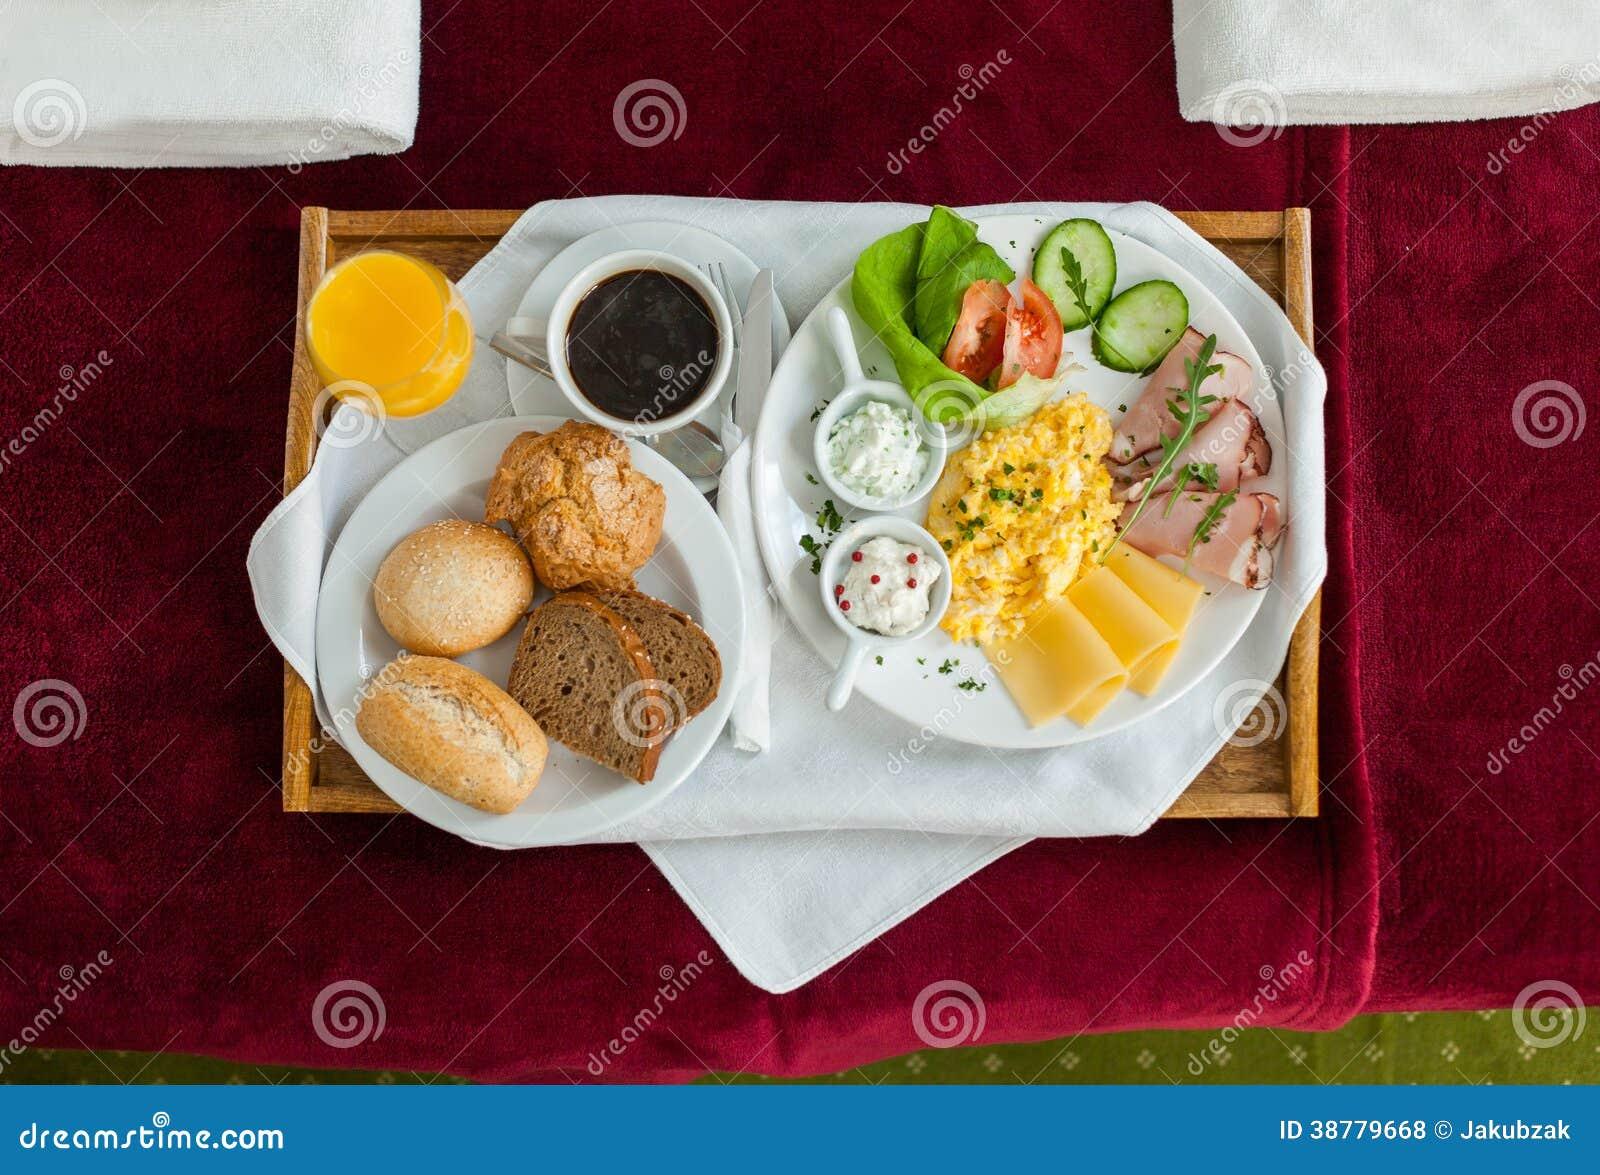 Foto de la bandeja con la comida de desayuno en la cama foto de archivo imagen 38779668 - Bandeja desayuno cama ...